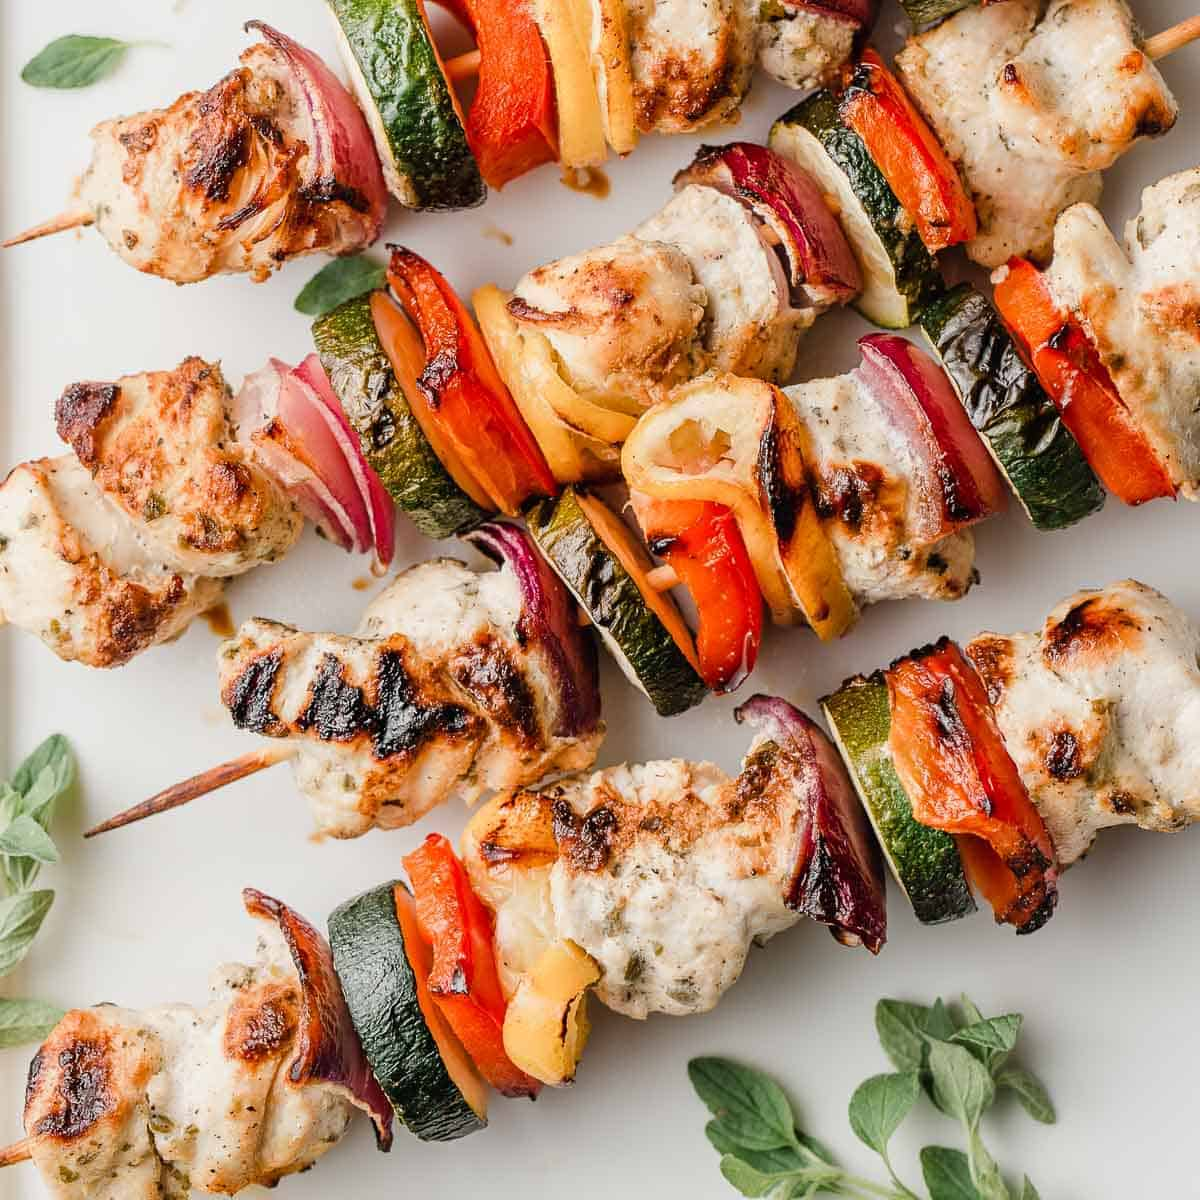 Homemade greek chicken kabobs on a serving platter.